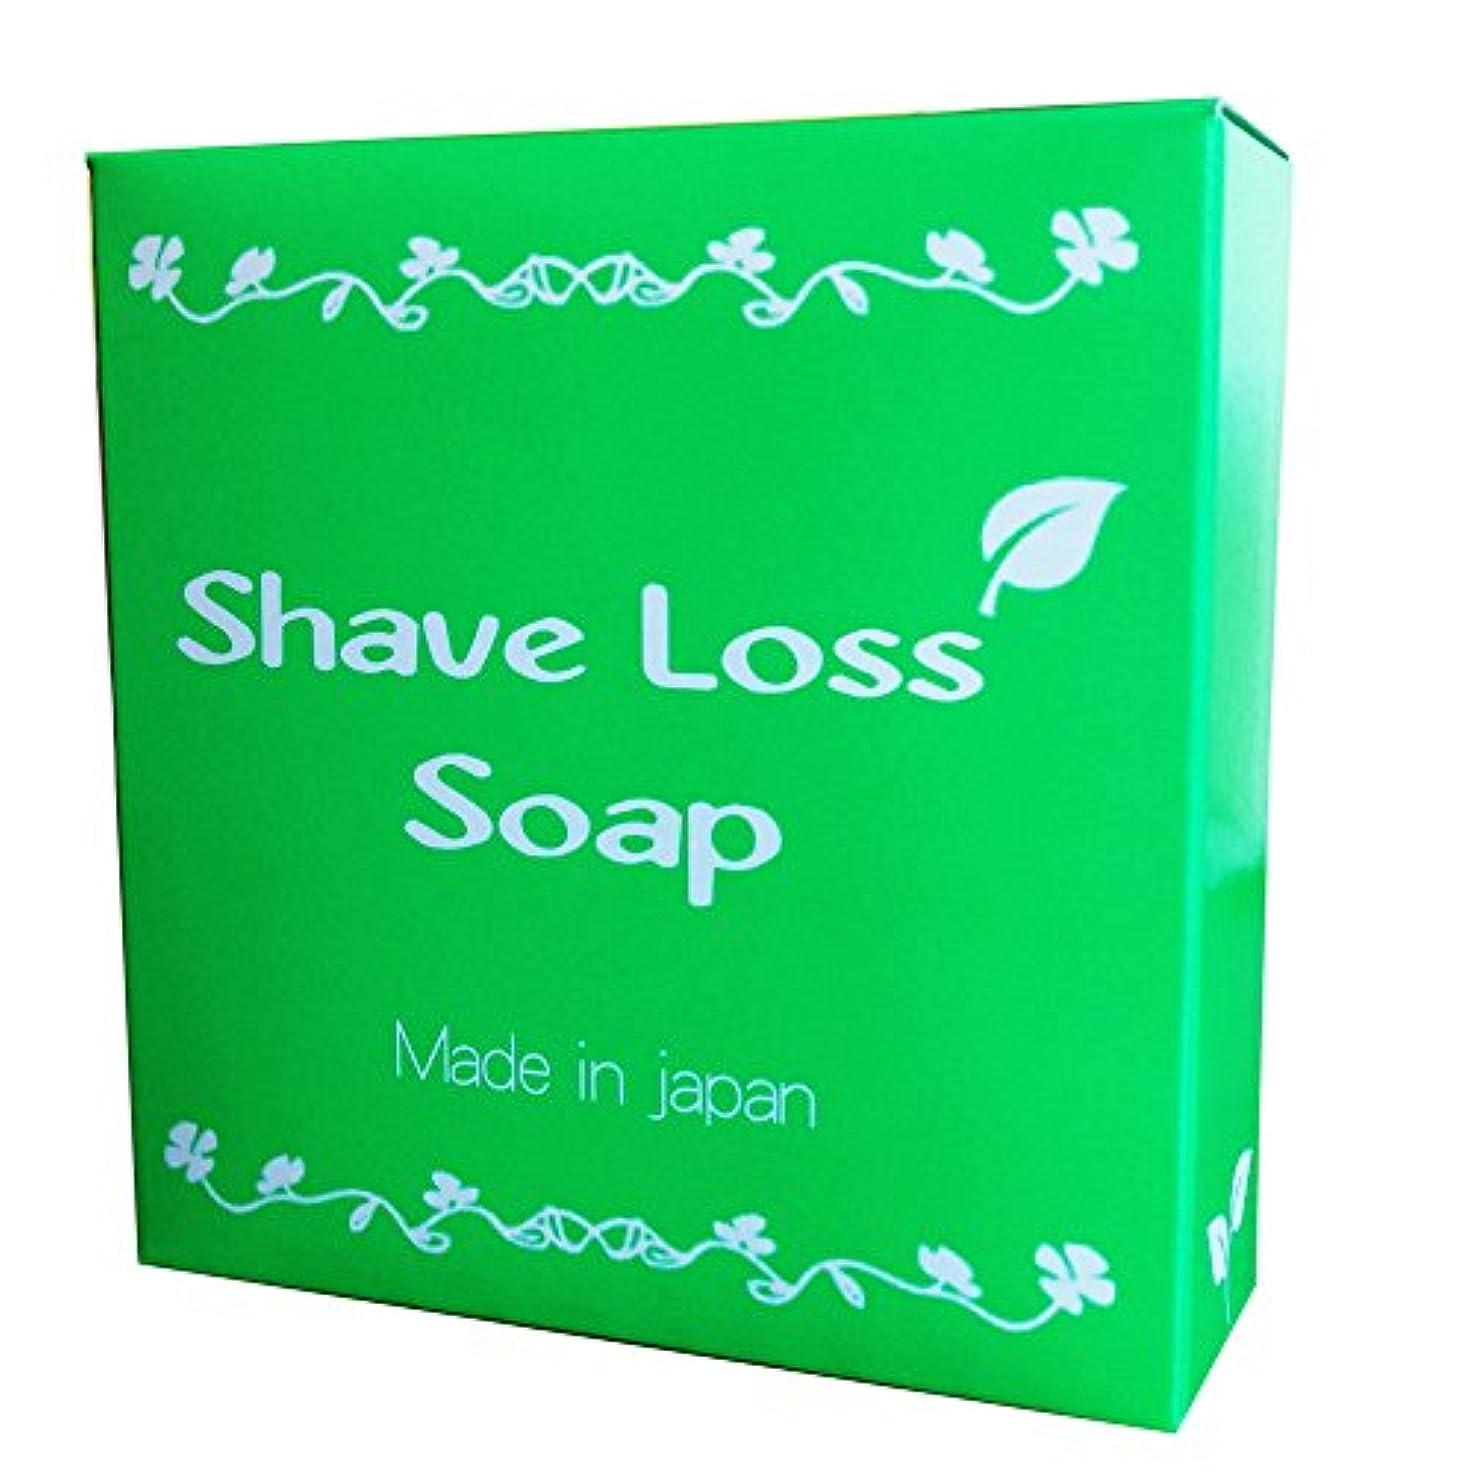 仕事に行く幸運な動Shave Loss Soap 女性のツルツルを叶える 奇跡の石鹸 80g (1個)